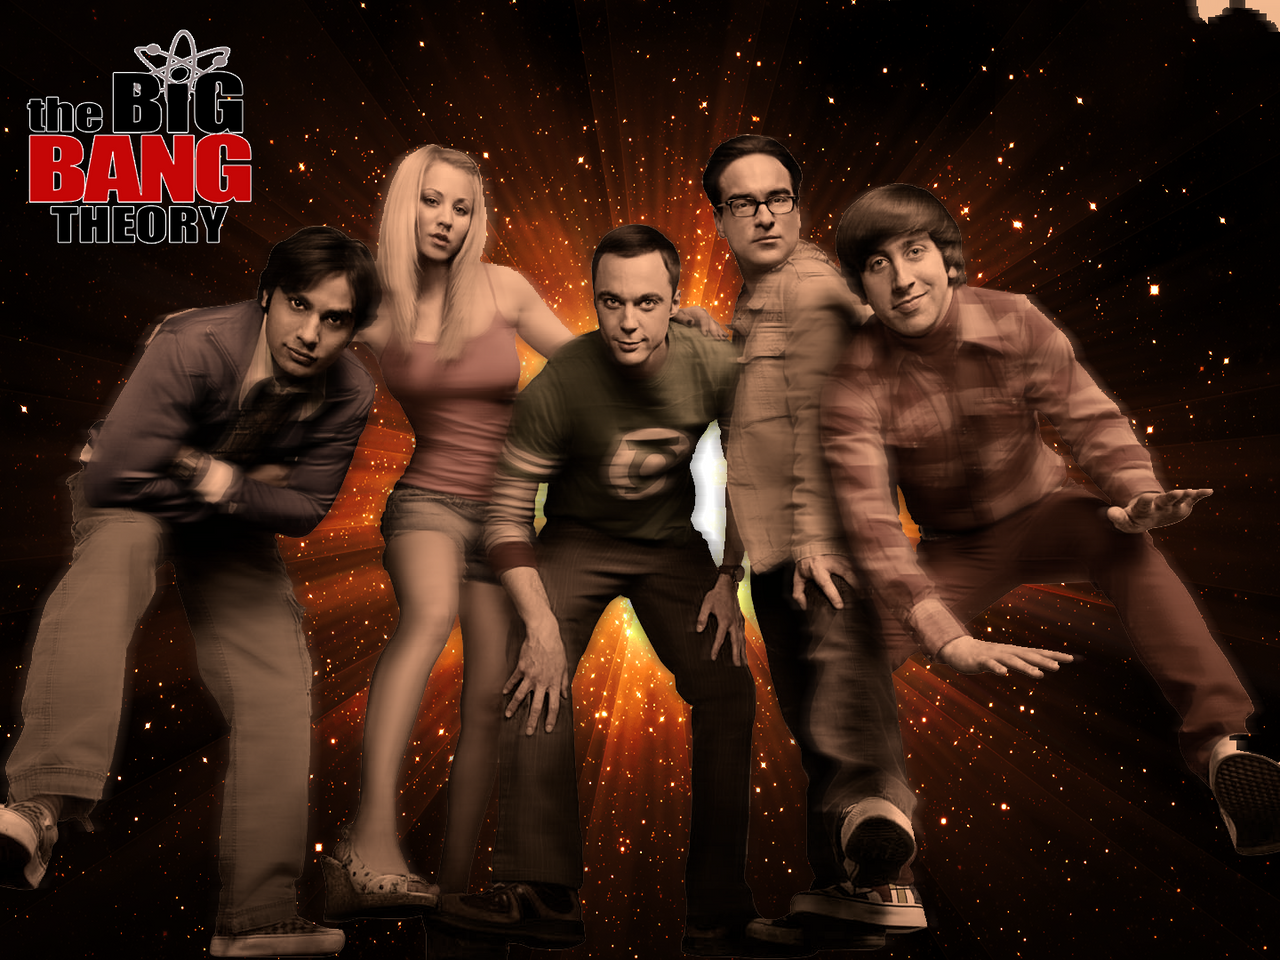 Big Bang Theory Wallpaper By Artianer